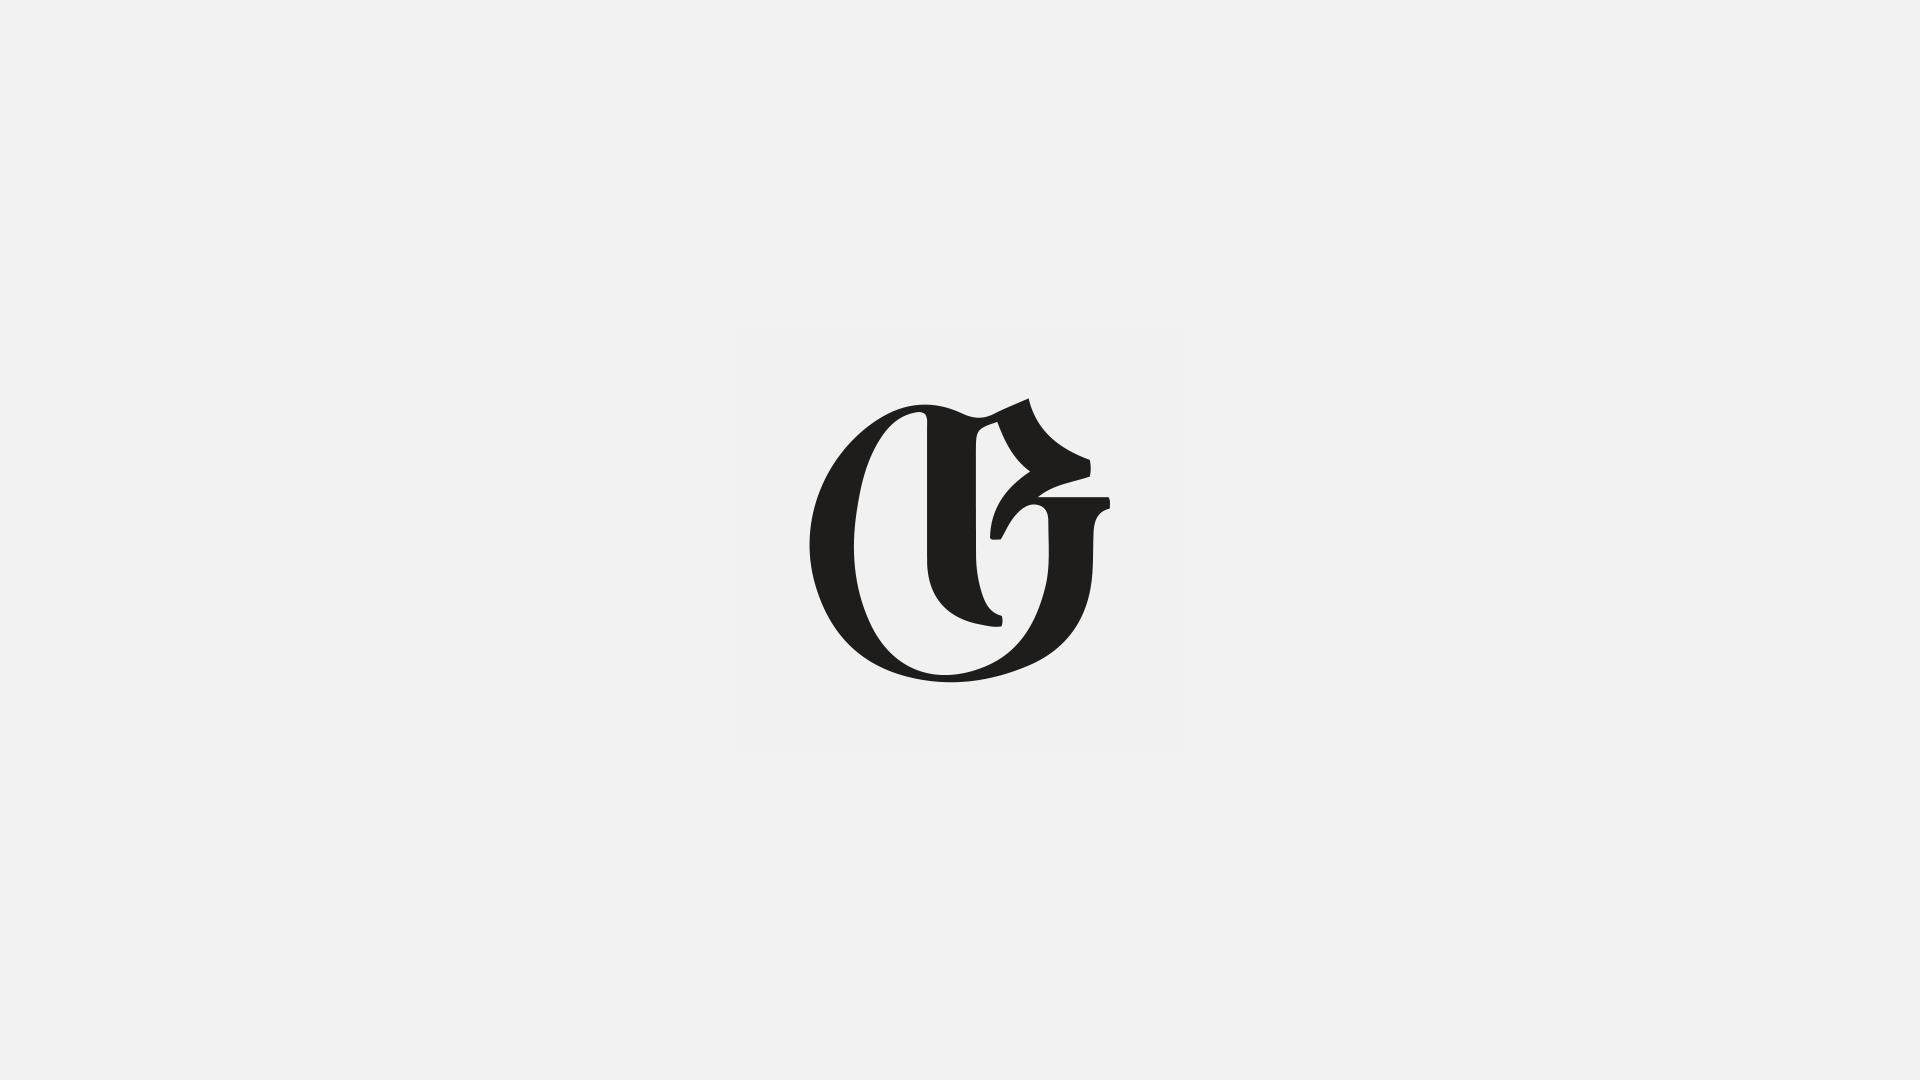 Odell Beckham Jr S New Logo Our Take Artful Ruckus Brand Design